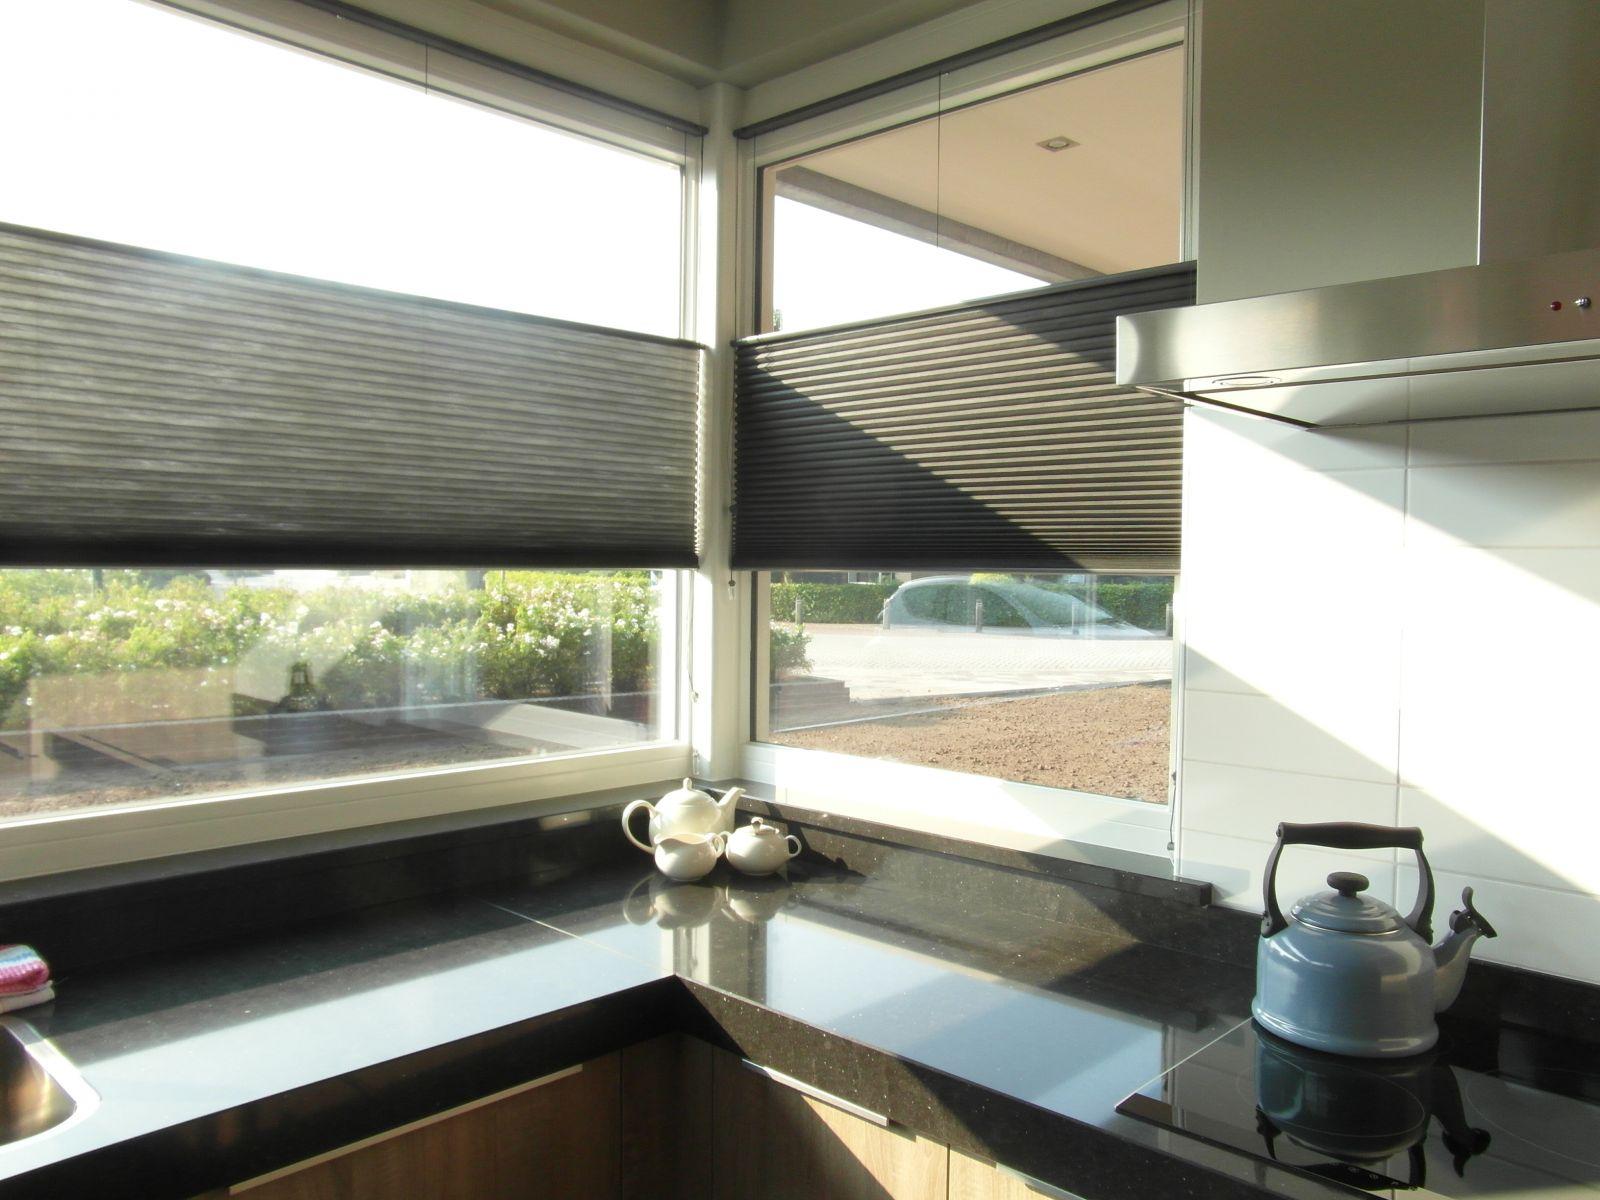 Raambekleding Keukenraam: Tip koop interieurartikelen zoals behang ...